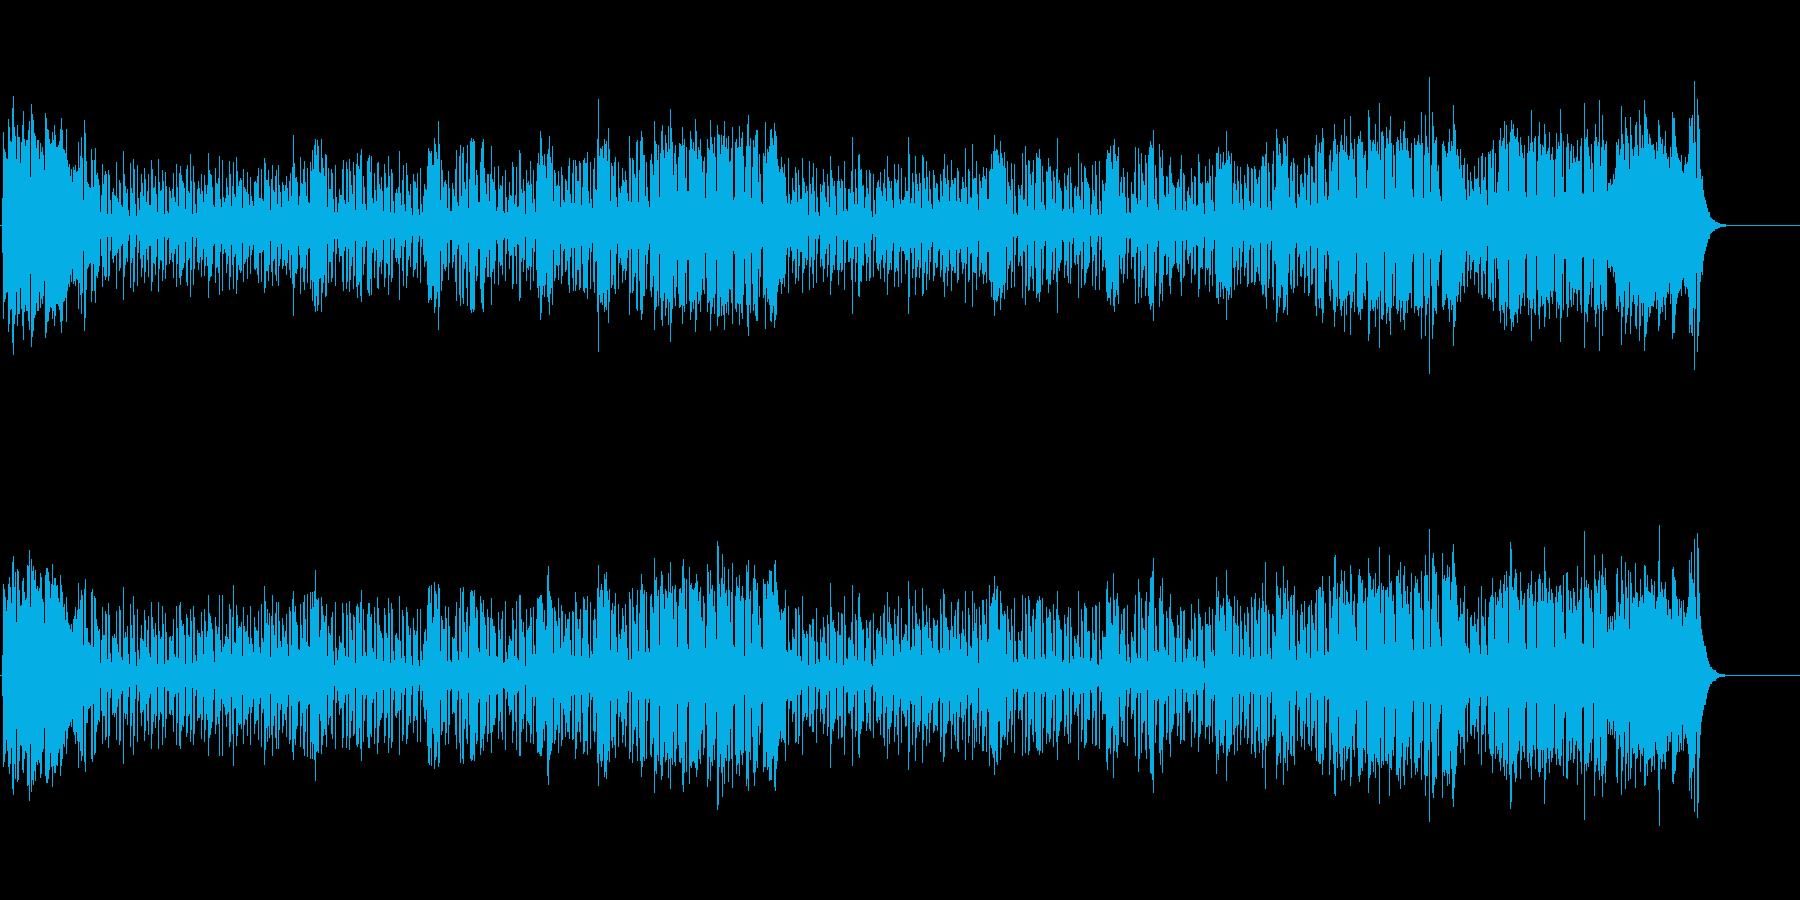 ポップ&ファンキー(オープニング向き)の再生済みの波形